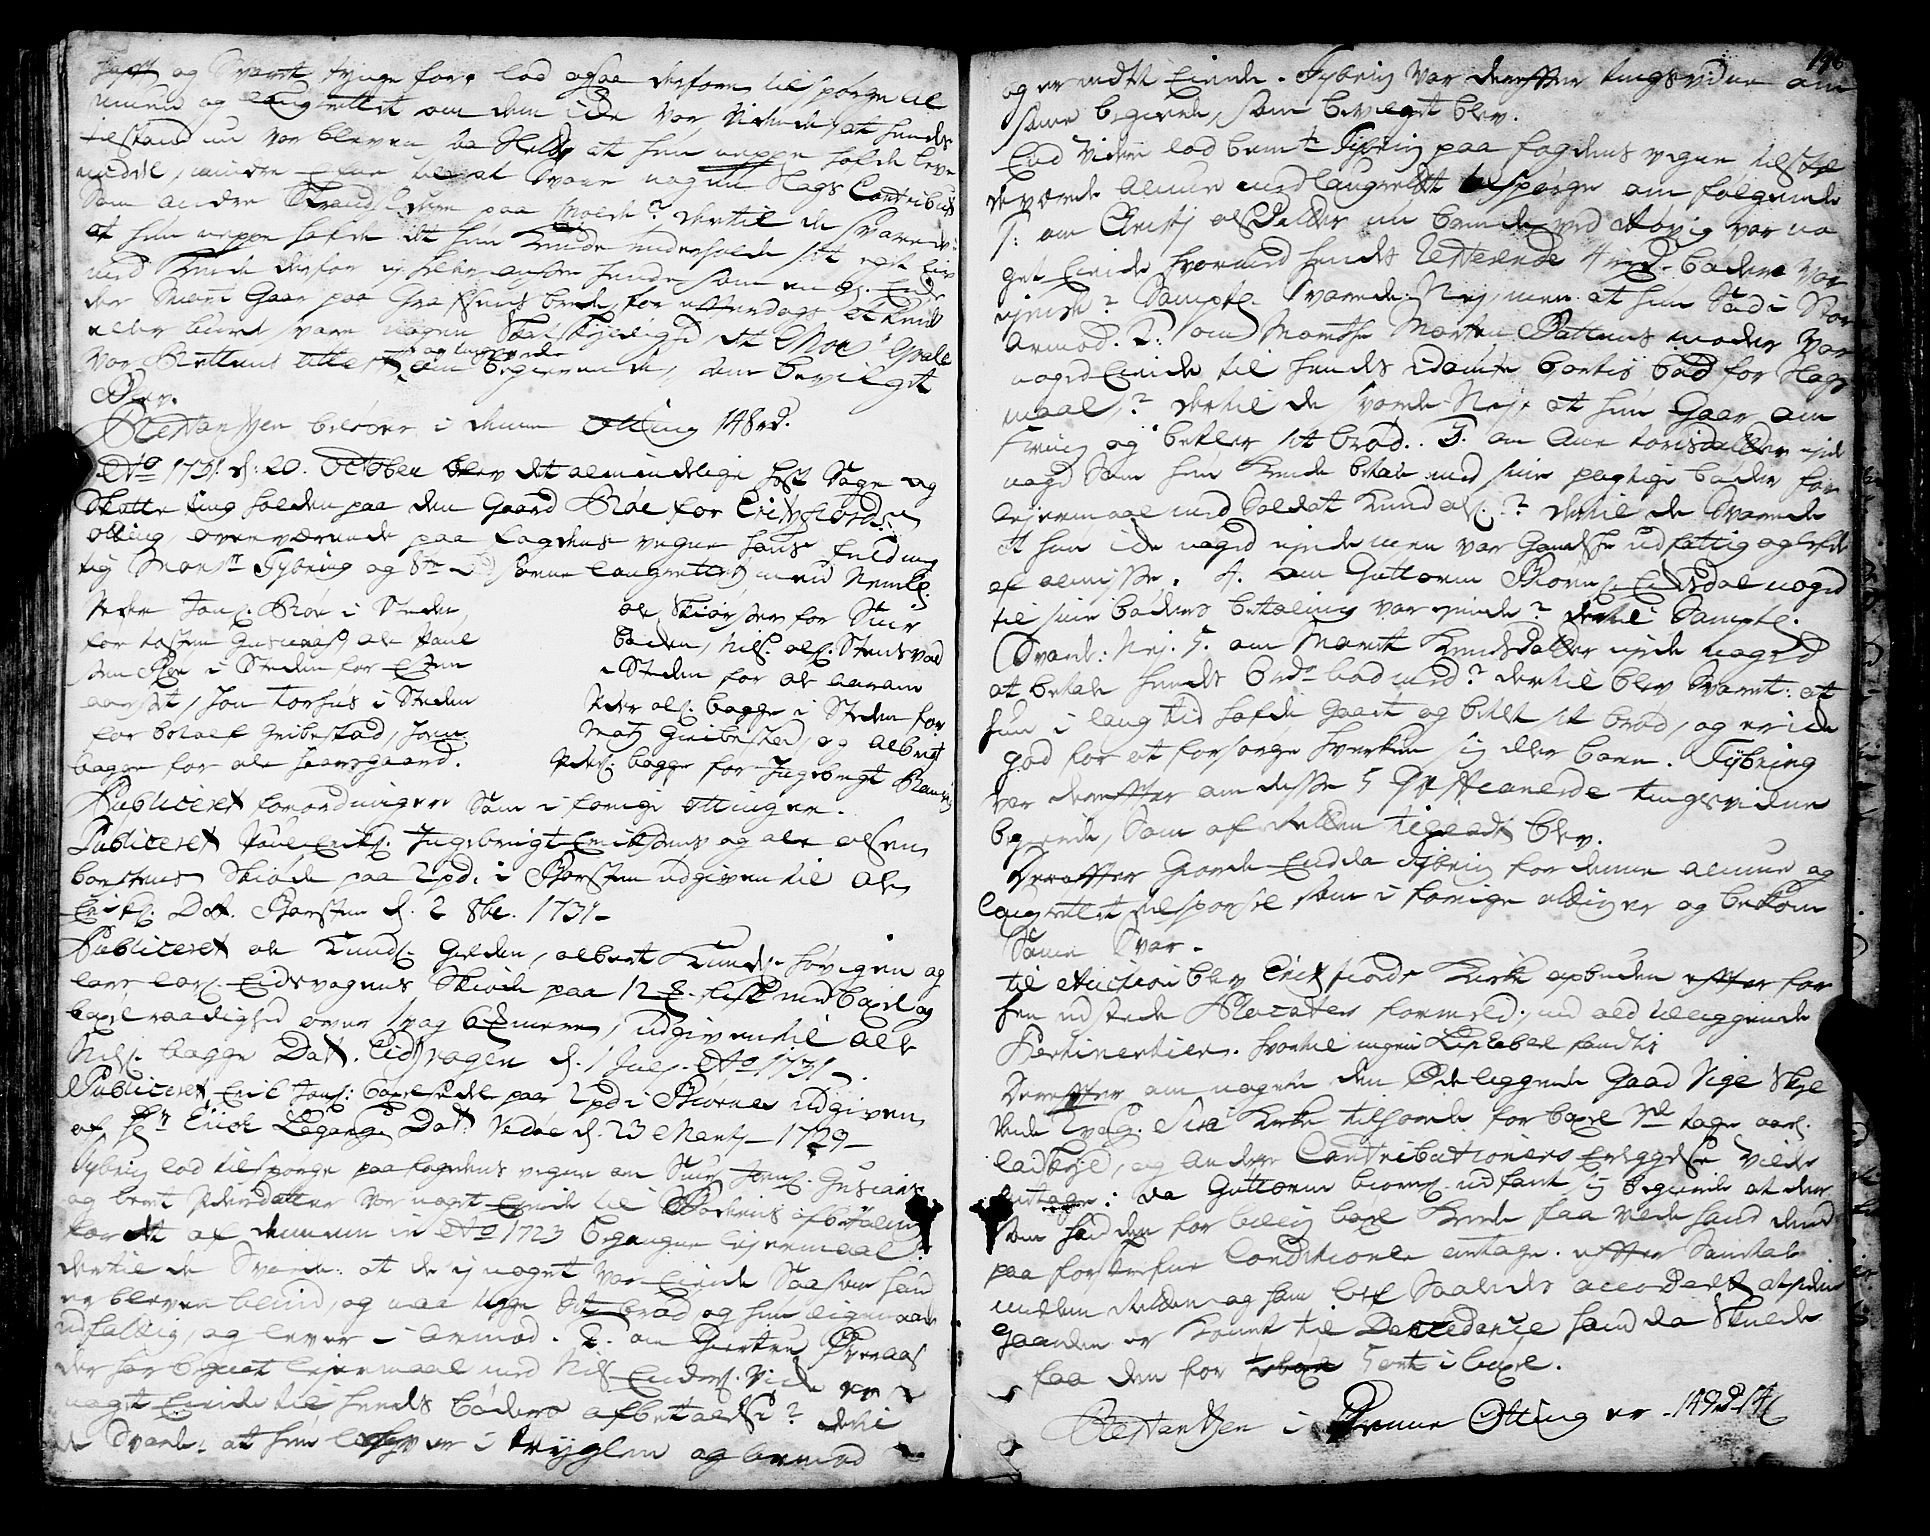 SAT, Romsdal sorenskriveri, 1/1A/L0010: Tingbok, 1728-1732, s. 146